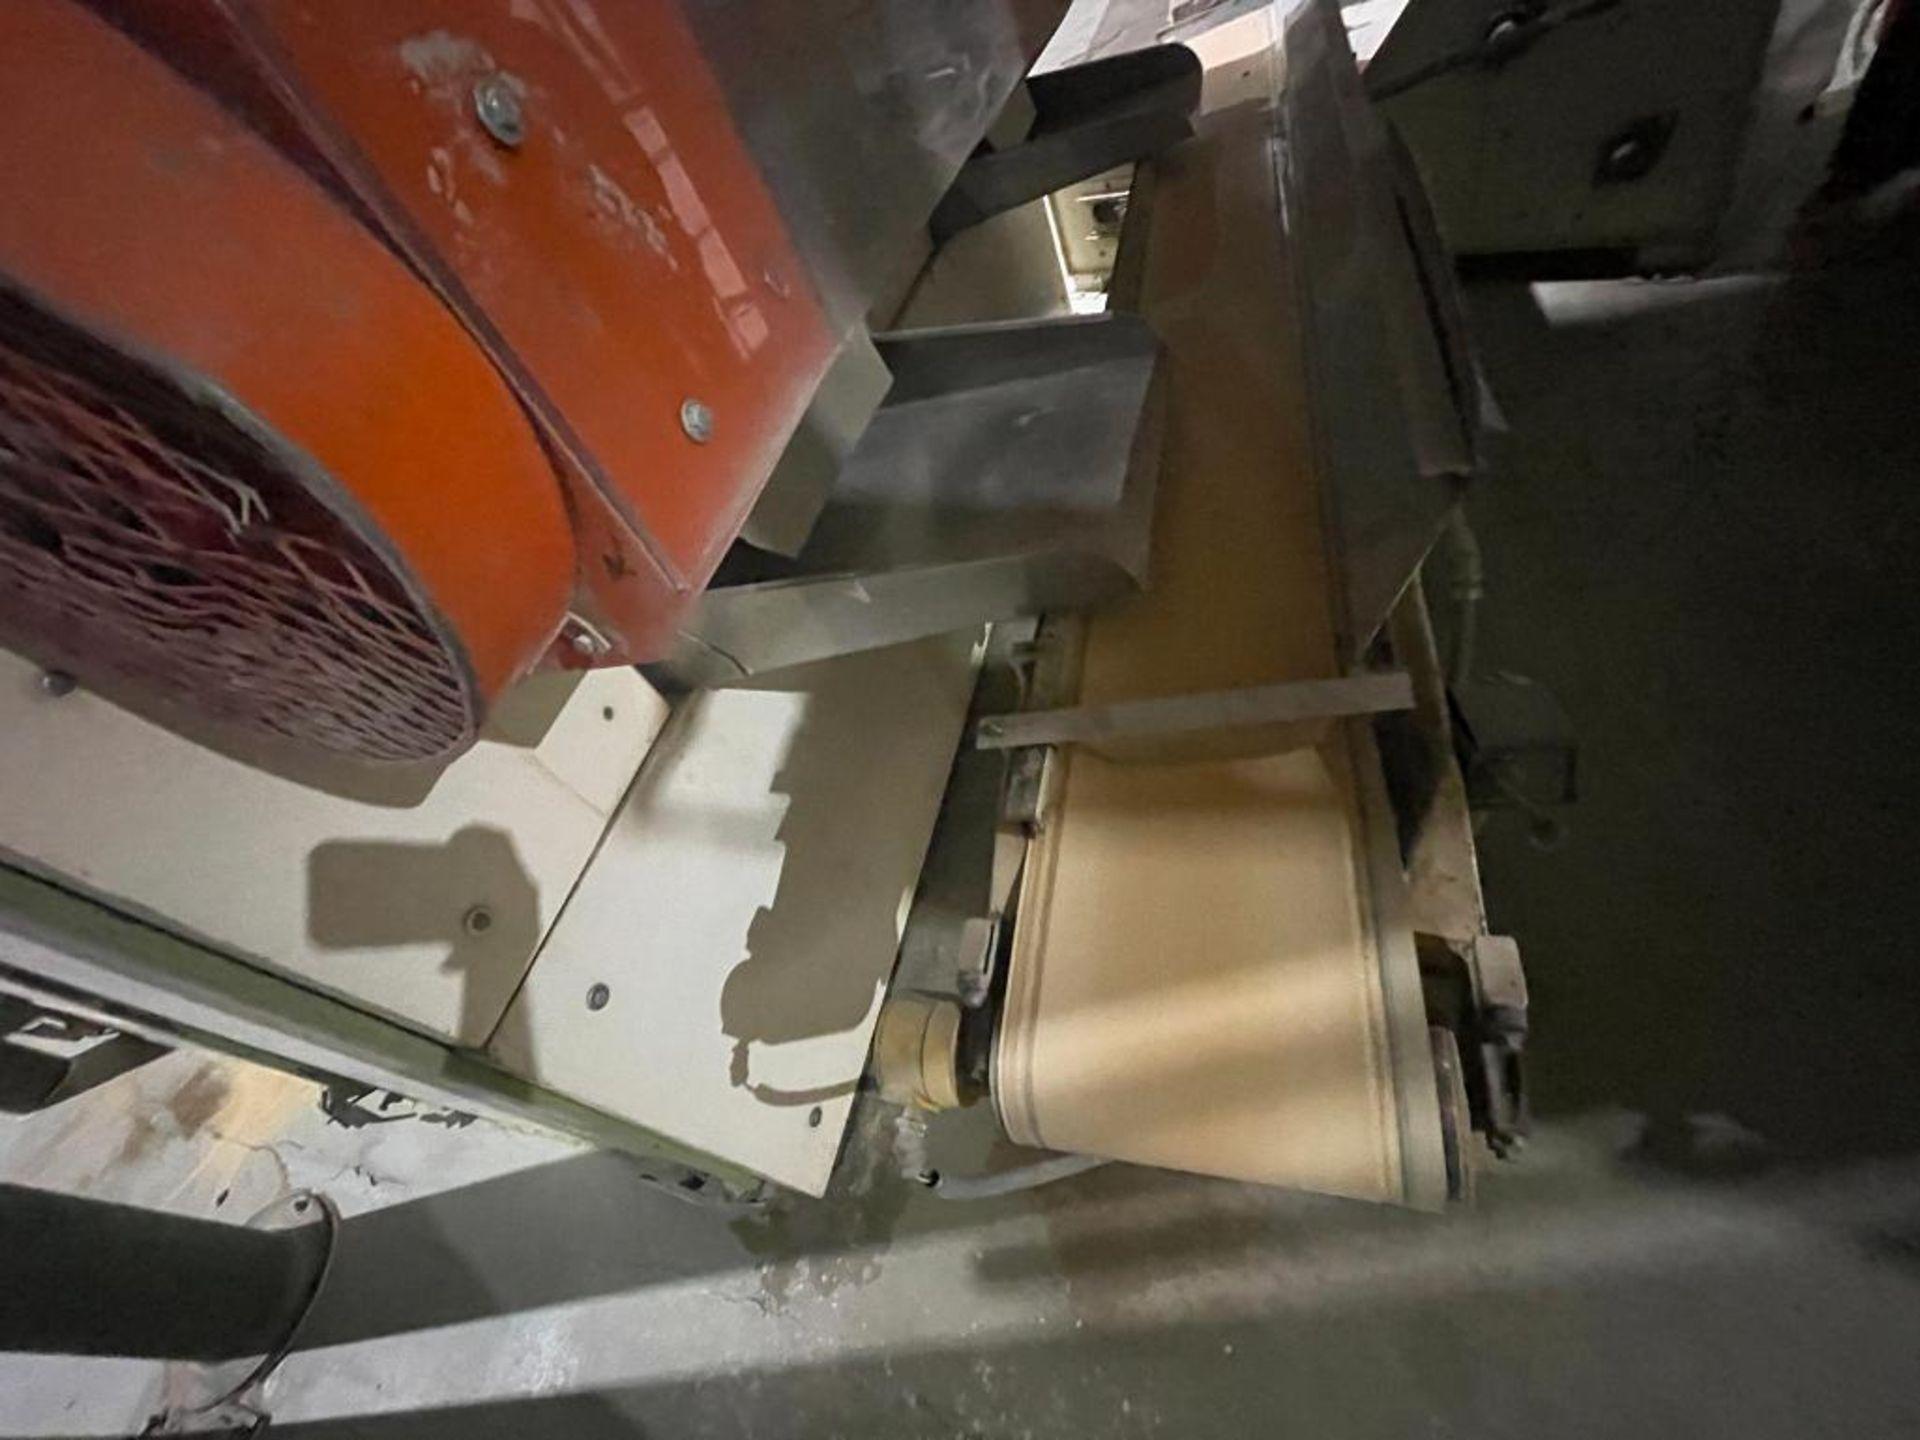 mild steel belt conveyor - Image 16 of 16